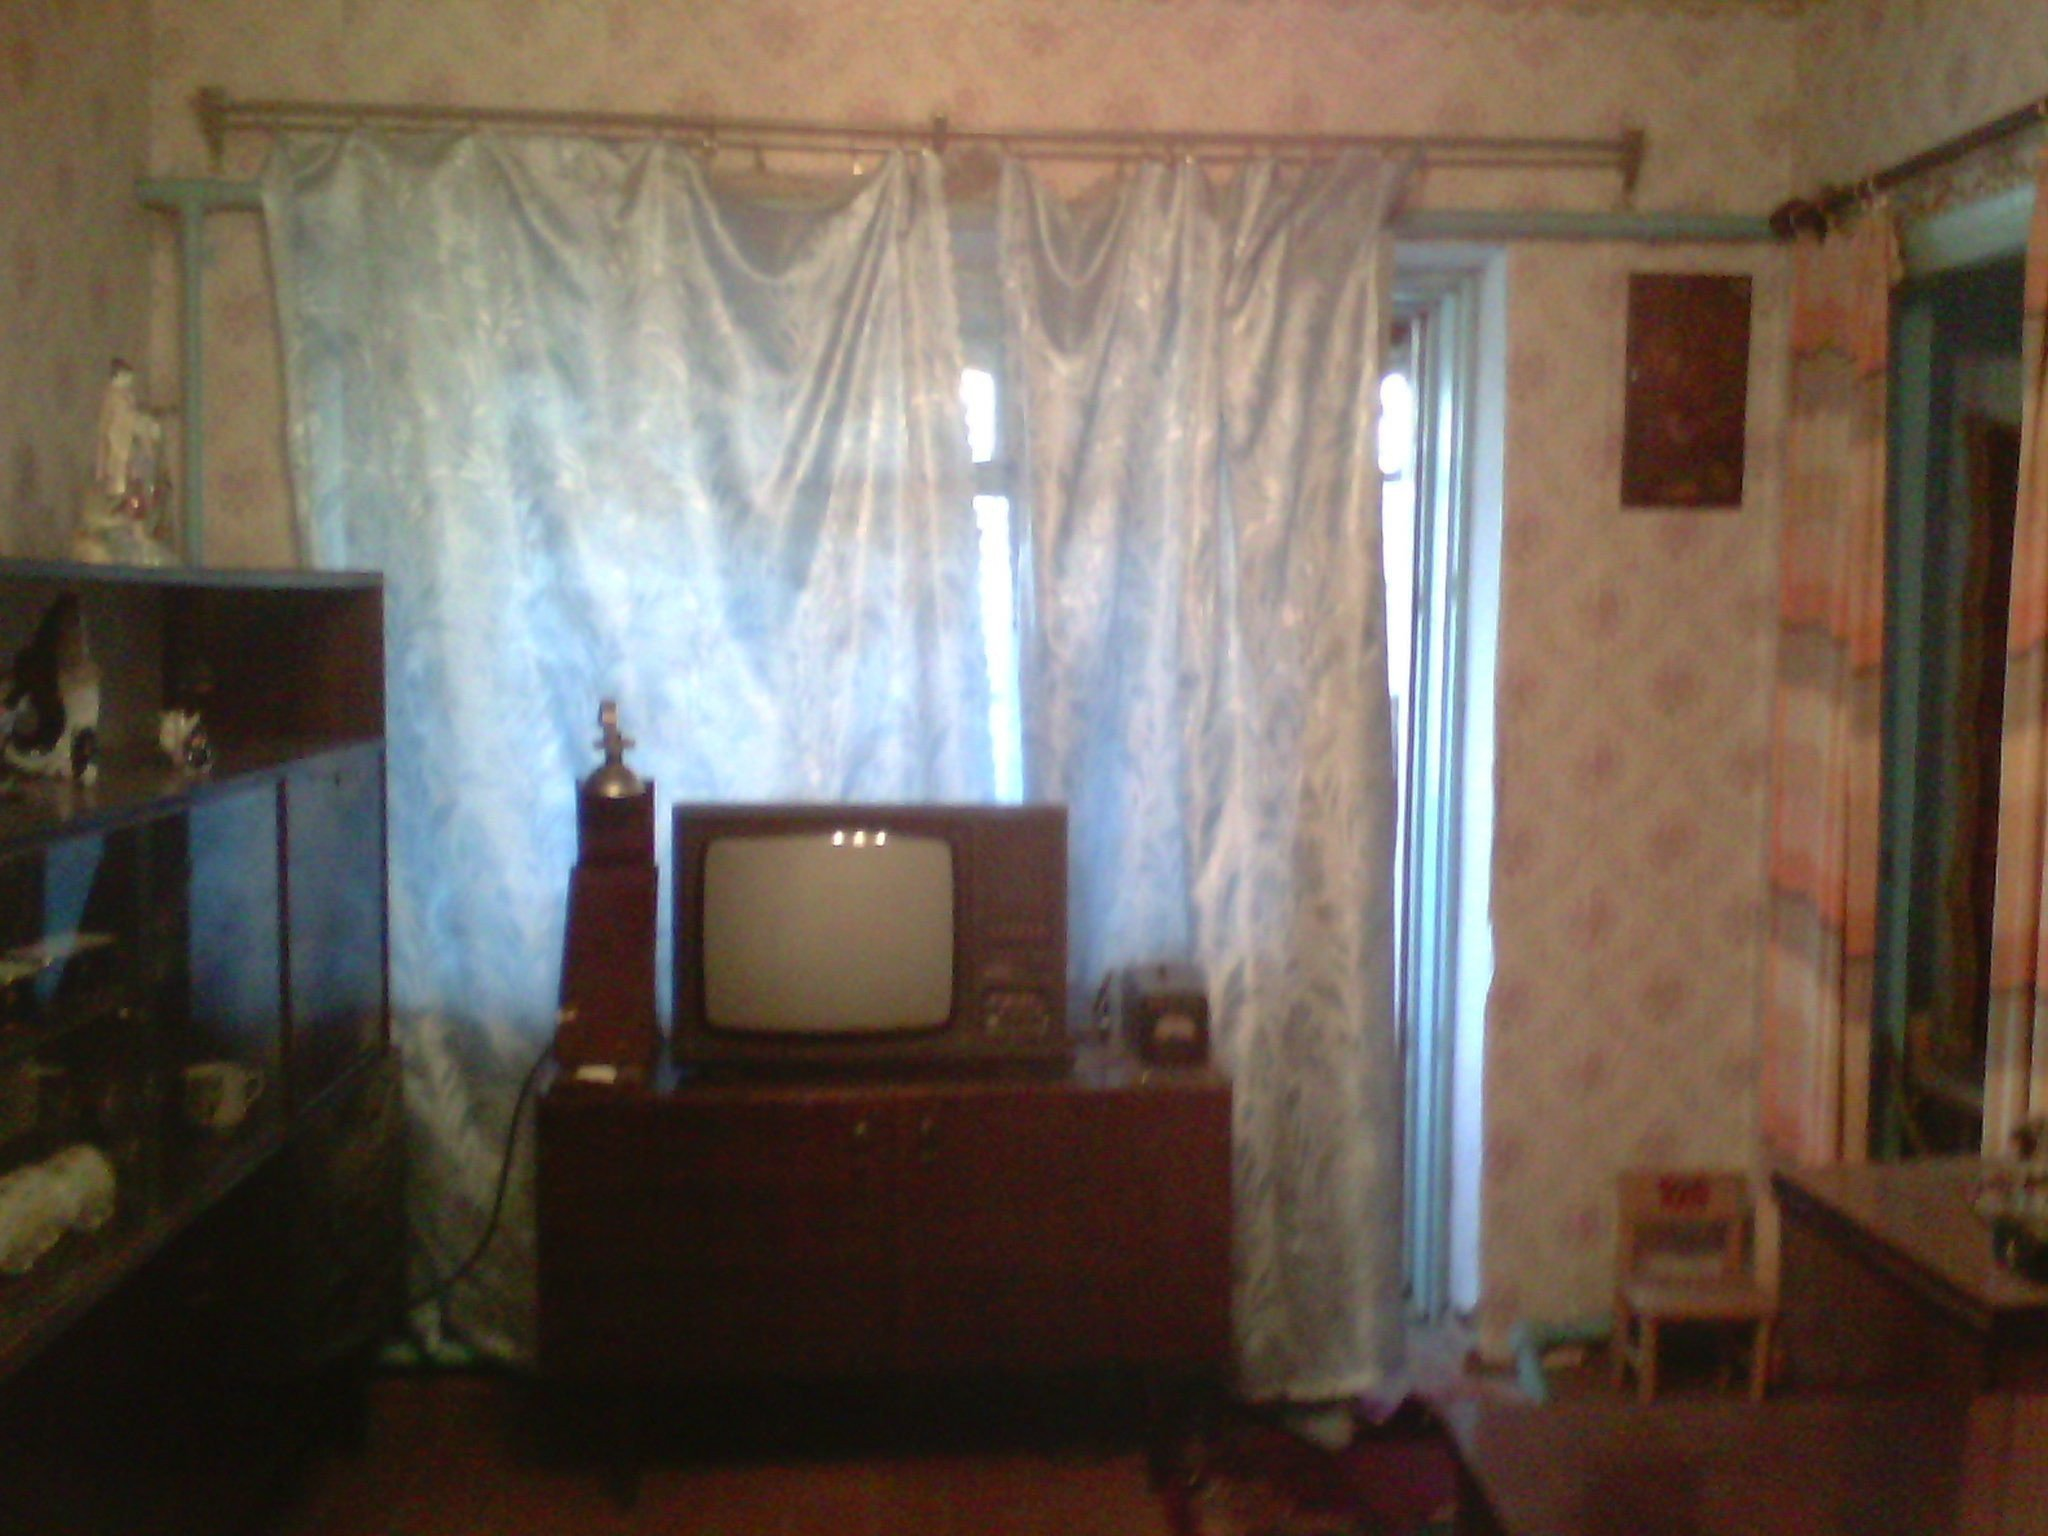 Фото: Продам квартиру в місті Вапнярка. Оголошення № 4511